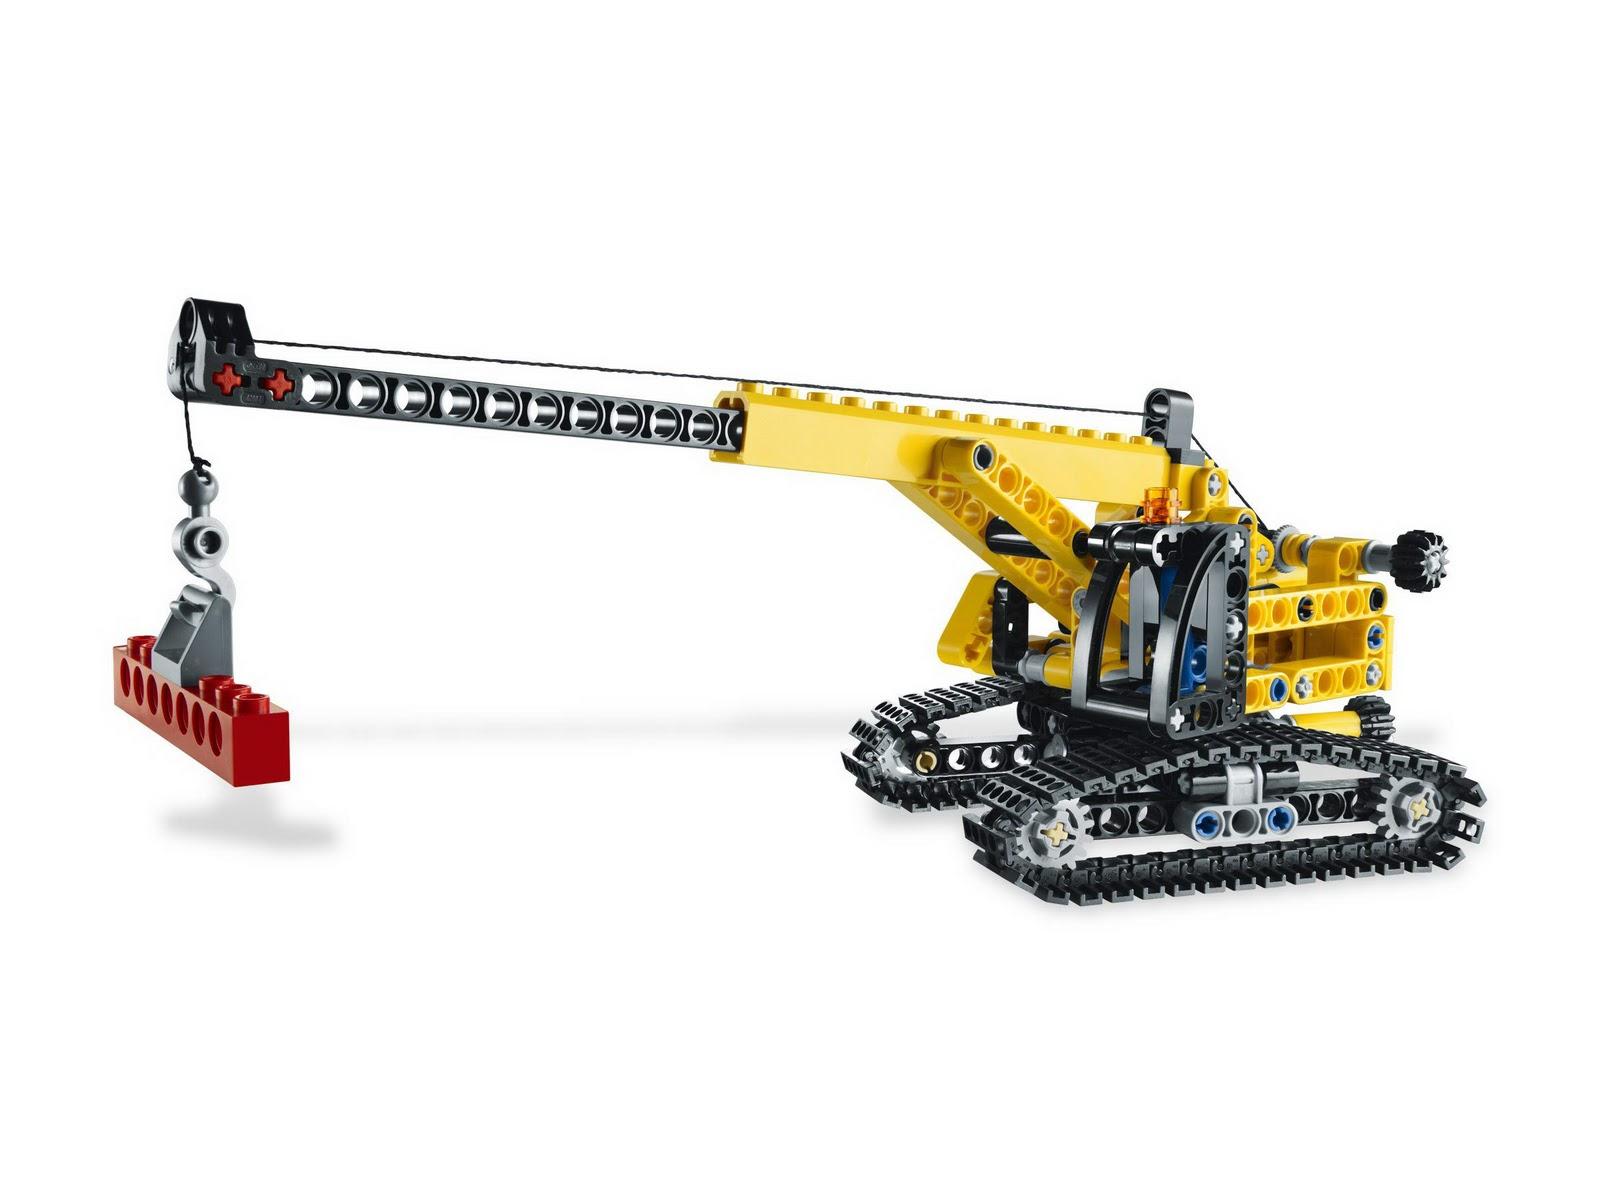 LEGO gosSIP: 231211 LEGO 9391 Mini Crane pictures